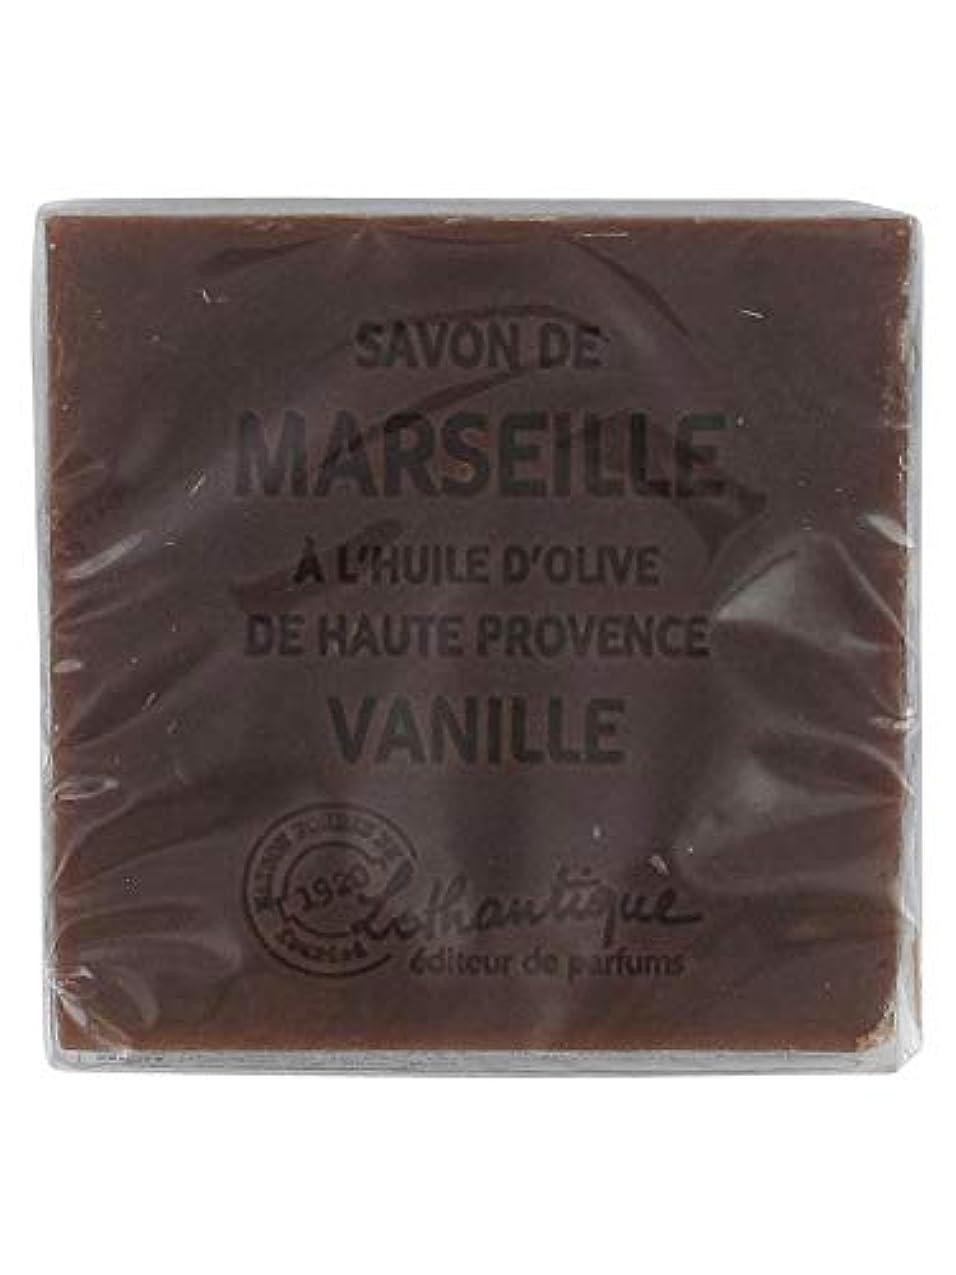 訪問尾競争力のあるLothantique(ロタンティック) Les savons de Marseille(マルセイユソープ) マルセイユソープ 100g 「バニラ」 3420070038005